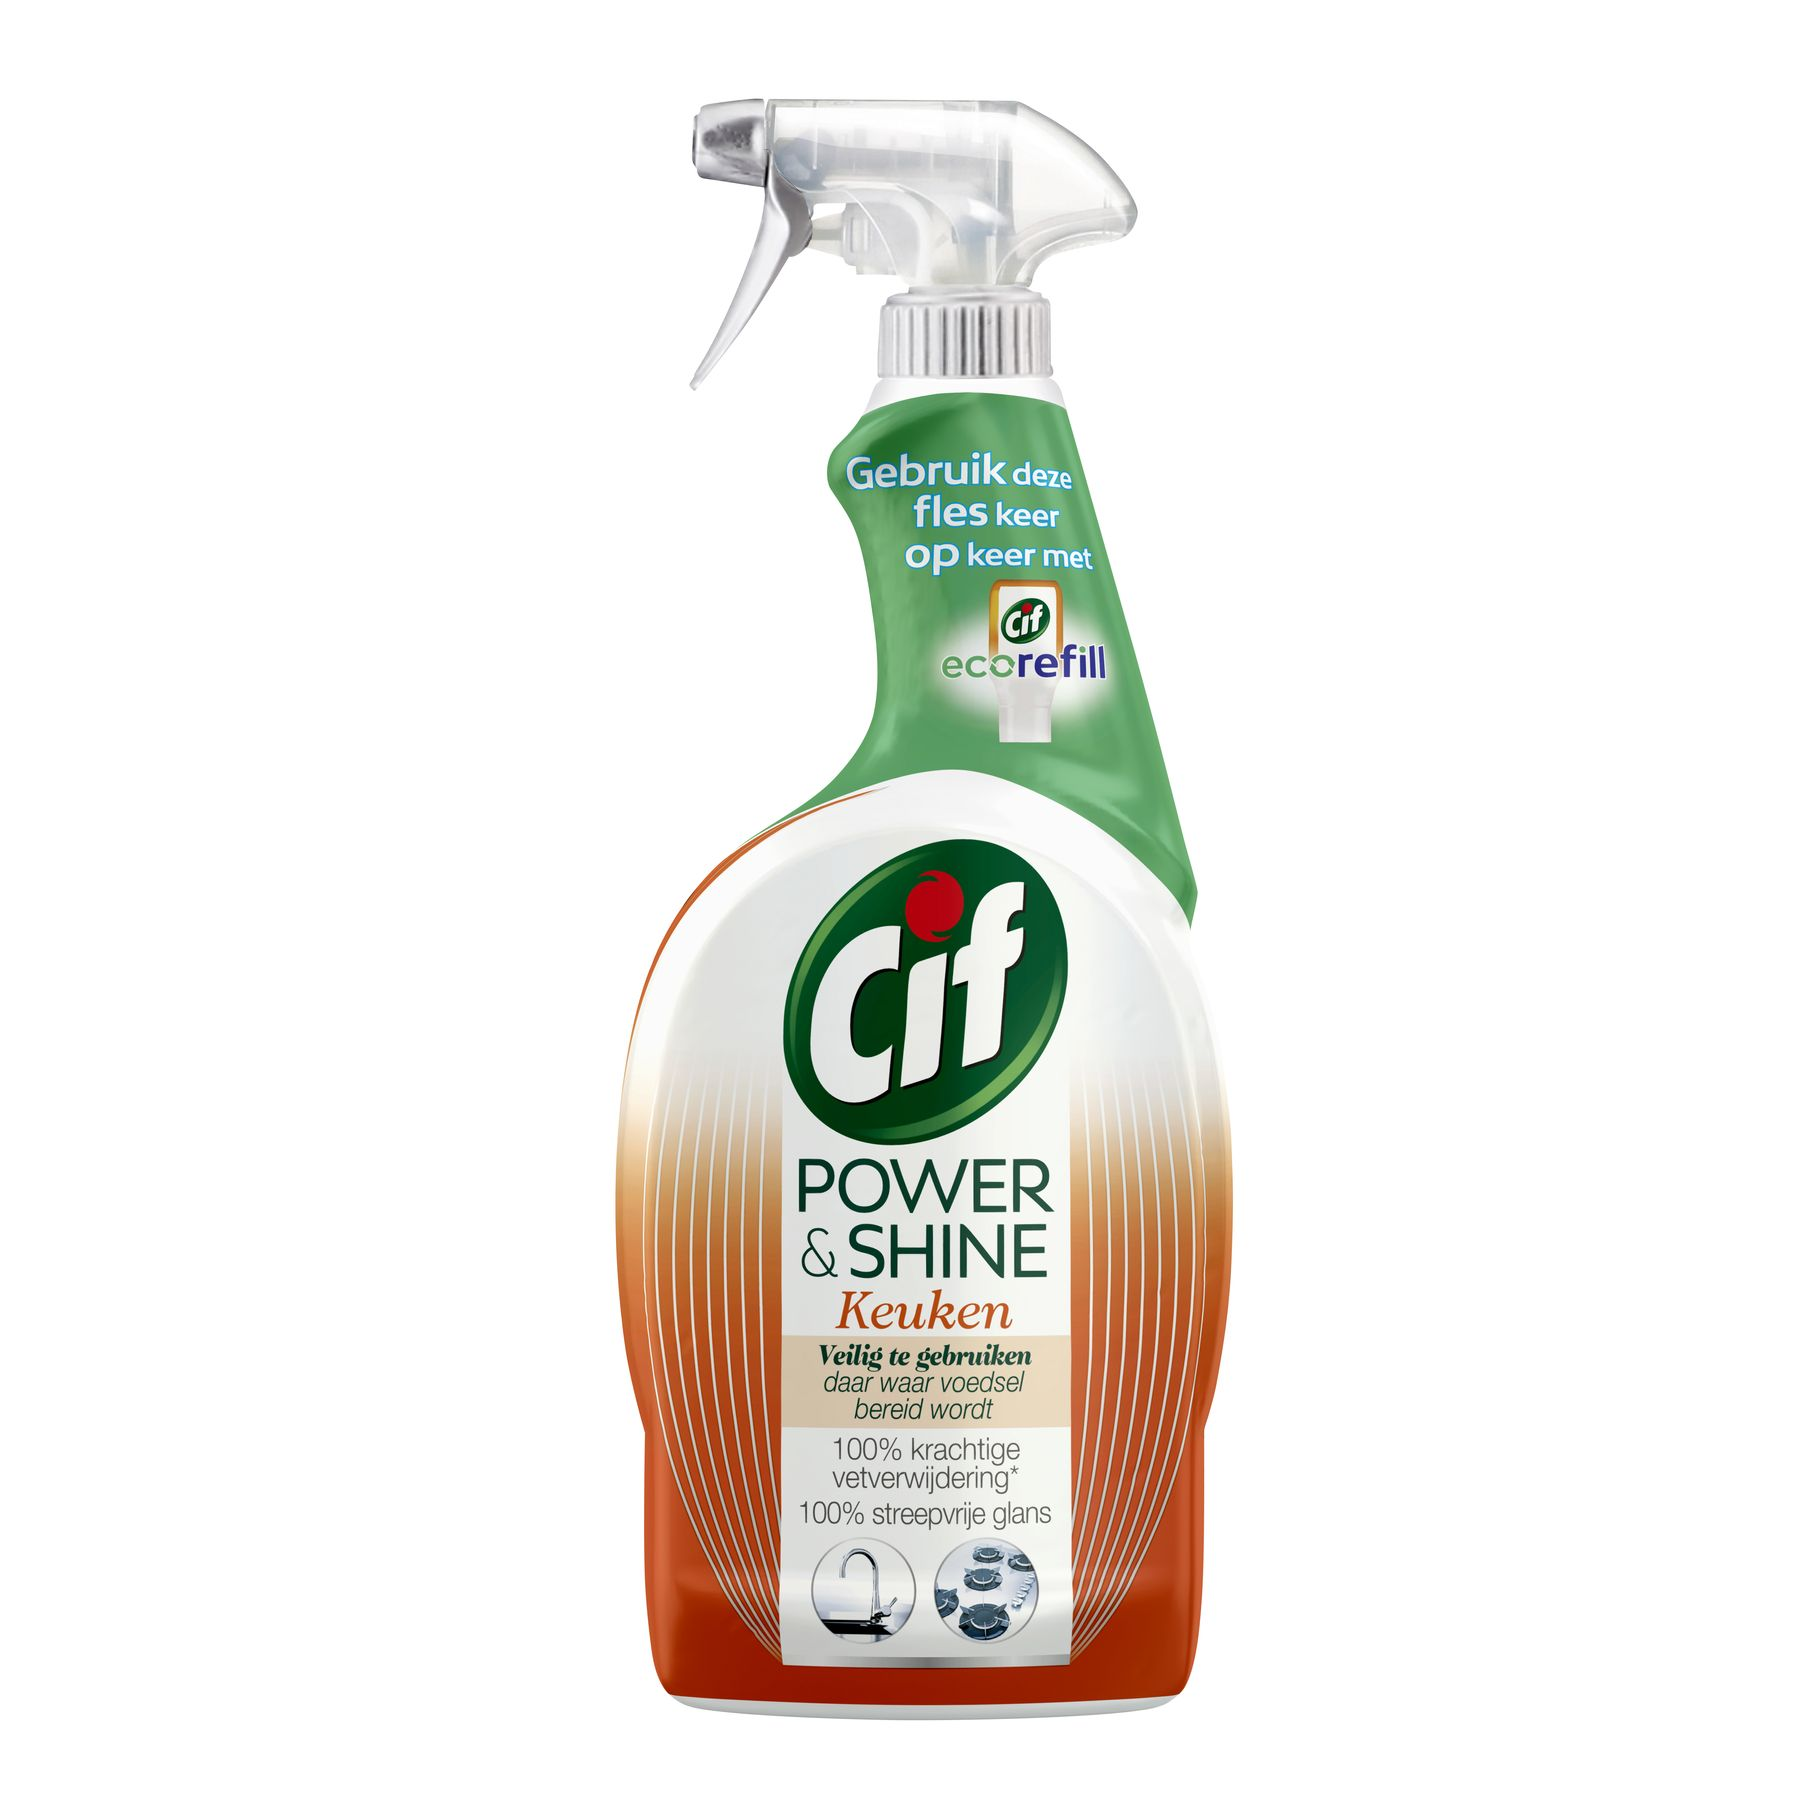 Cif Power & Shine Keuken Spray 750ml